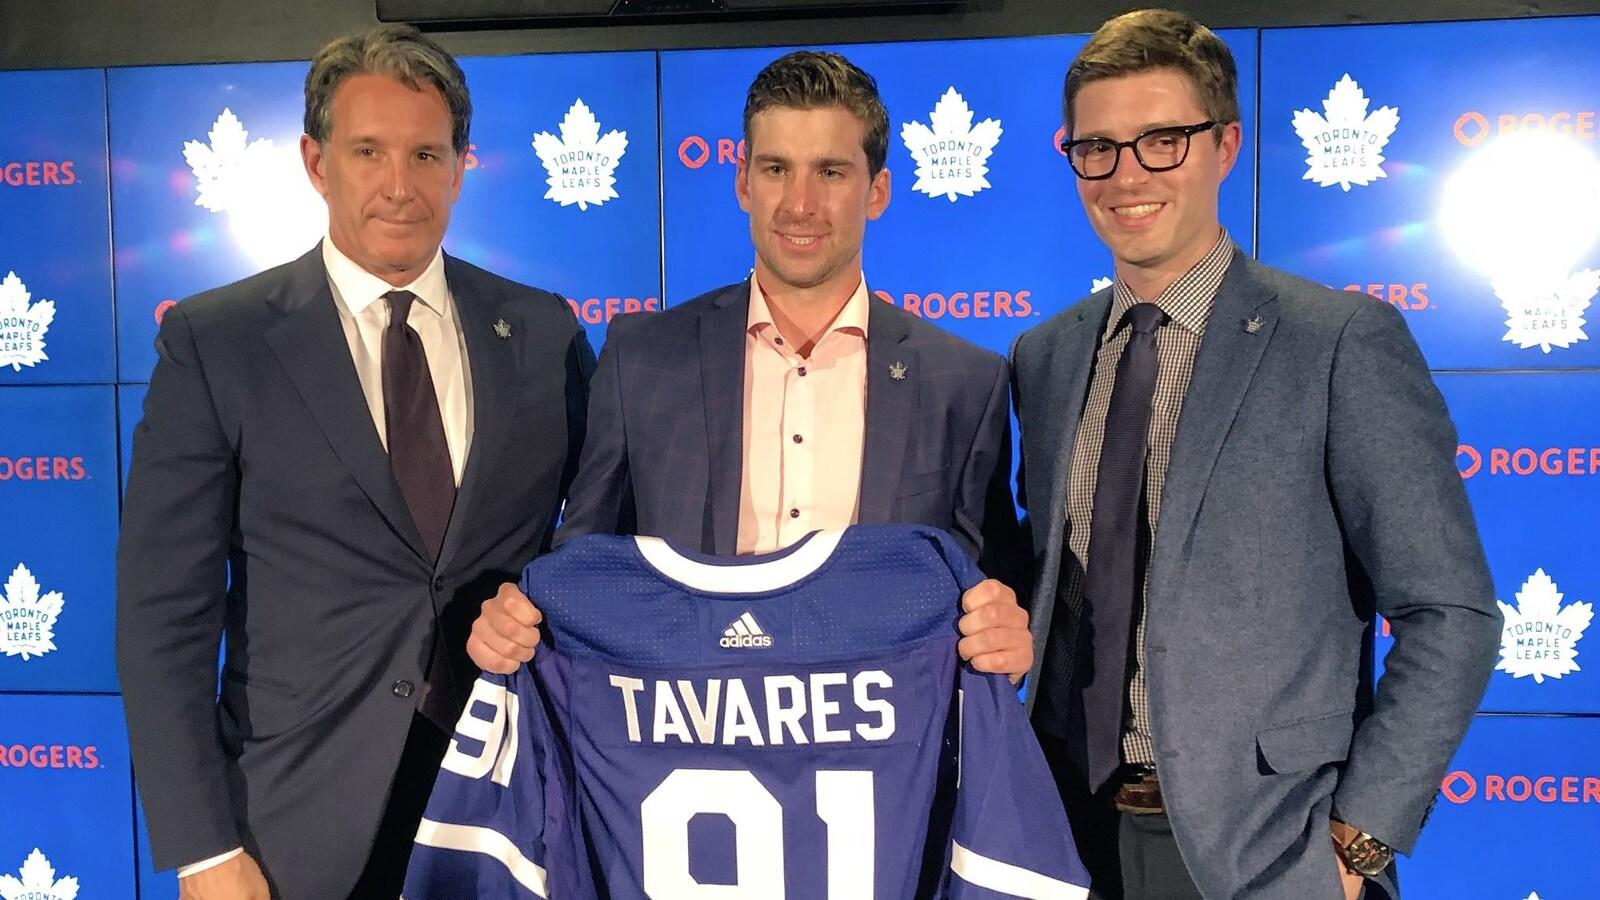 Entouré de Brendan Shanahan et Kyle Dubas, John Tavares tient dans ses mains un chandail des Maple Leafs de Toronto.